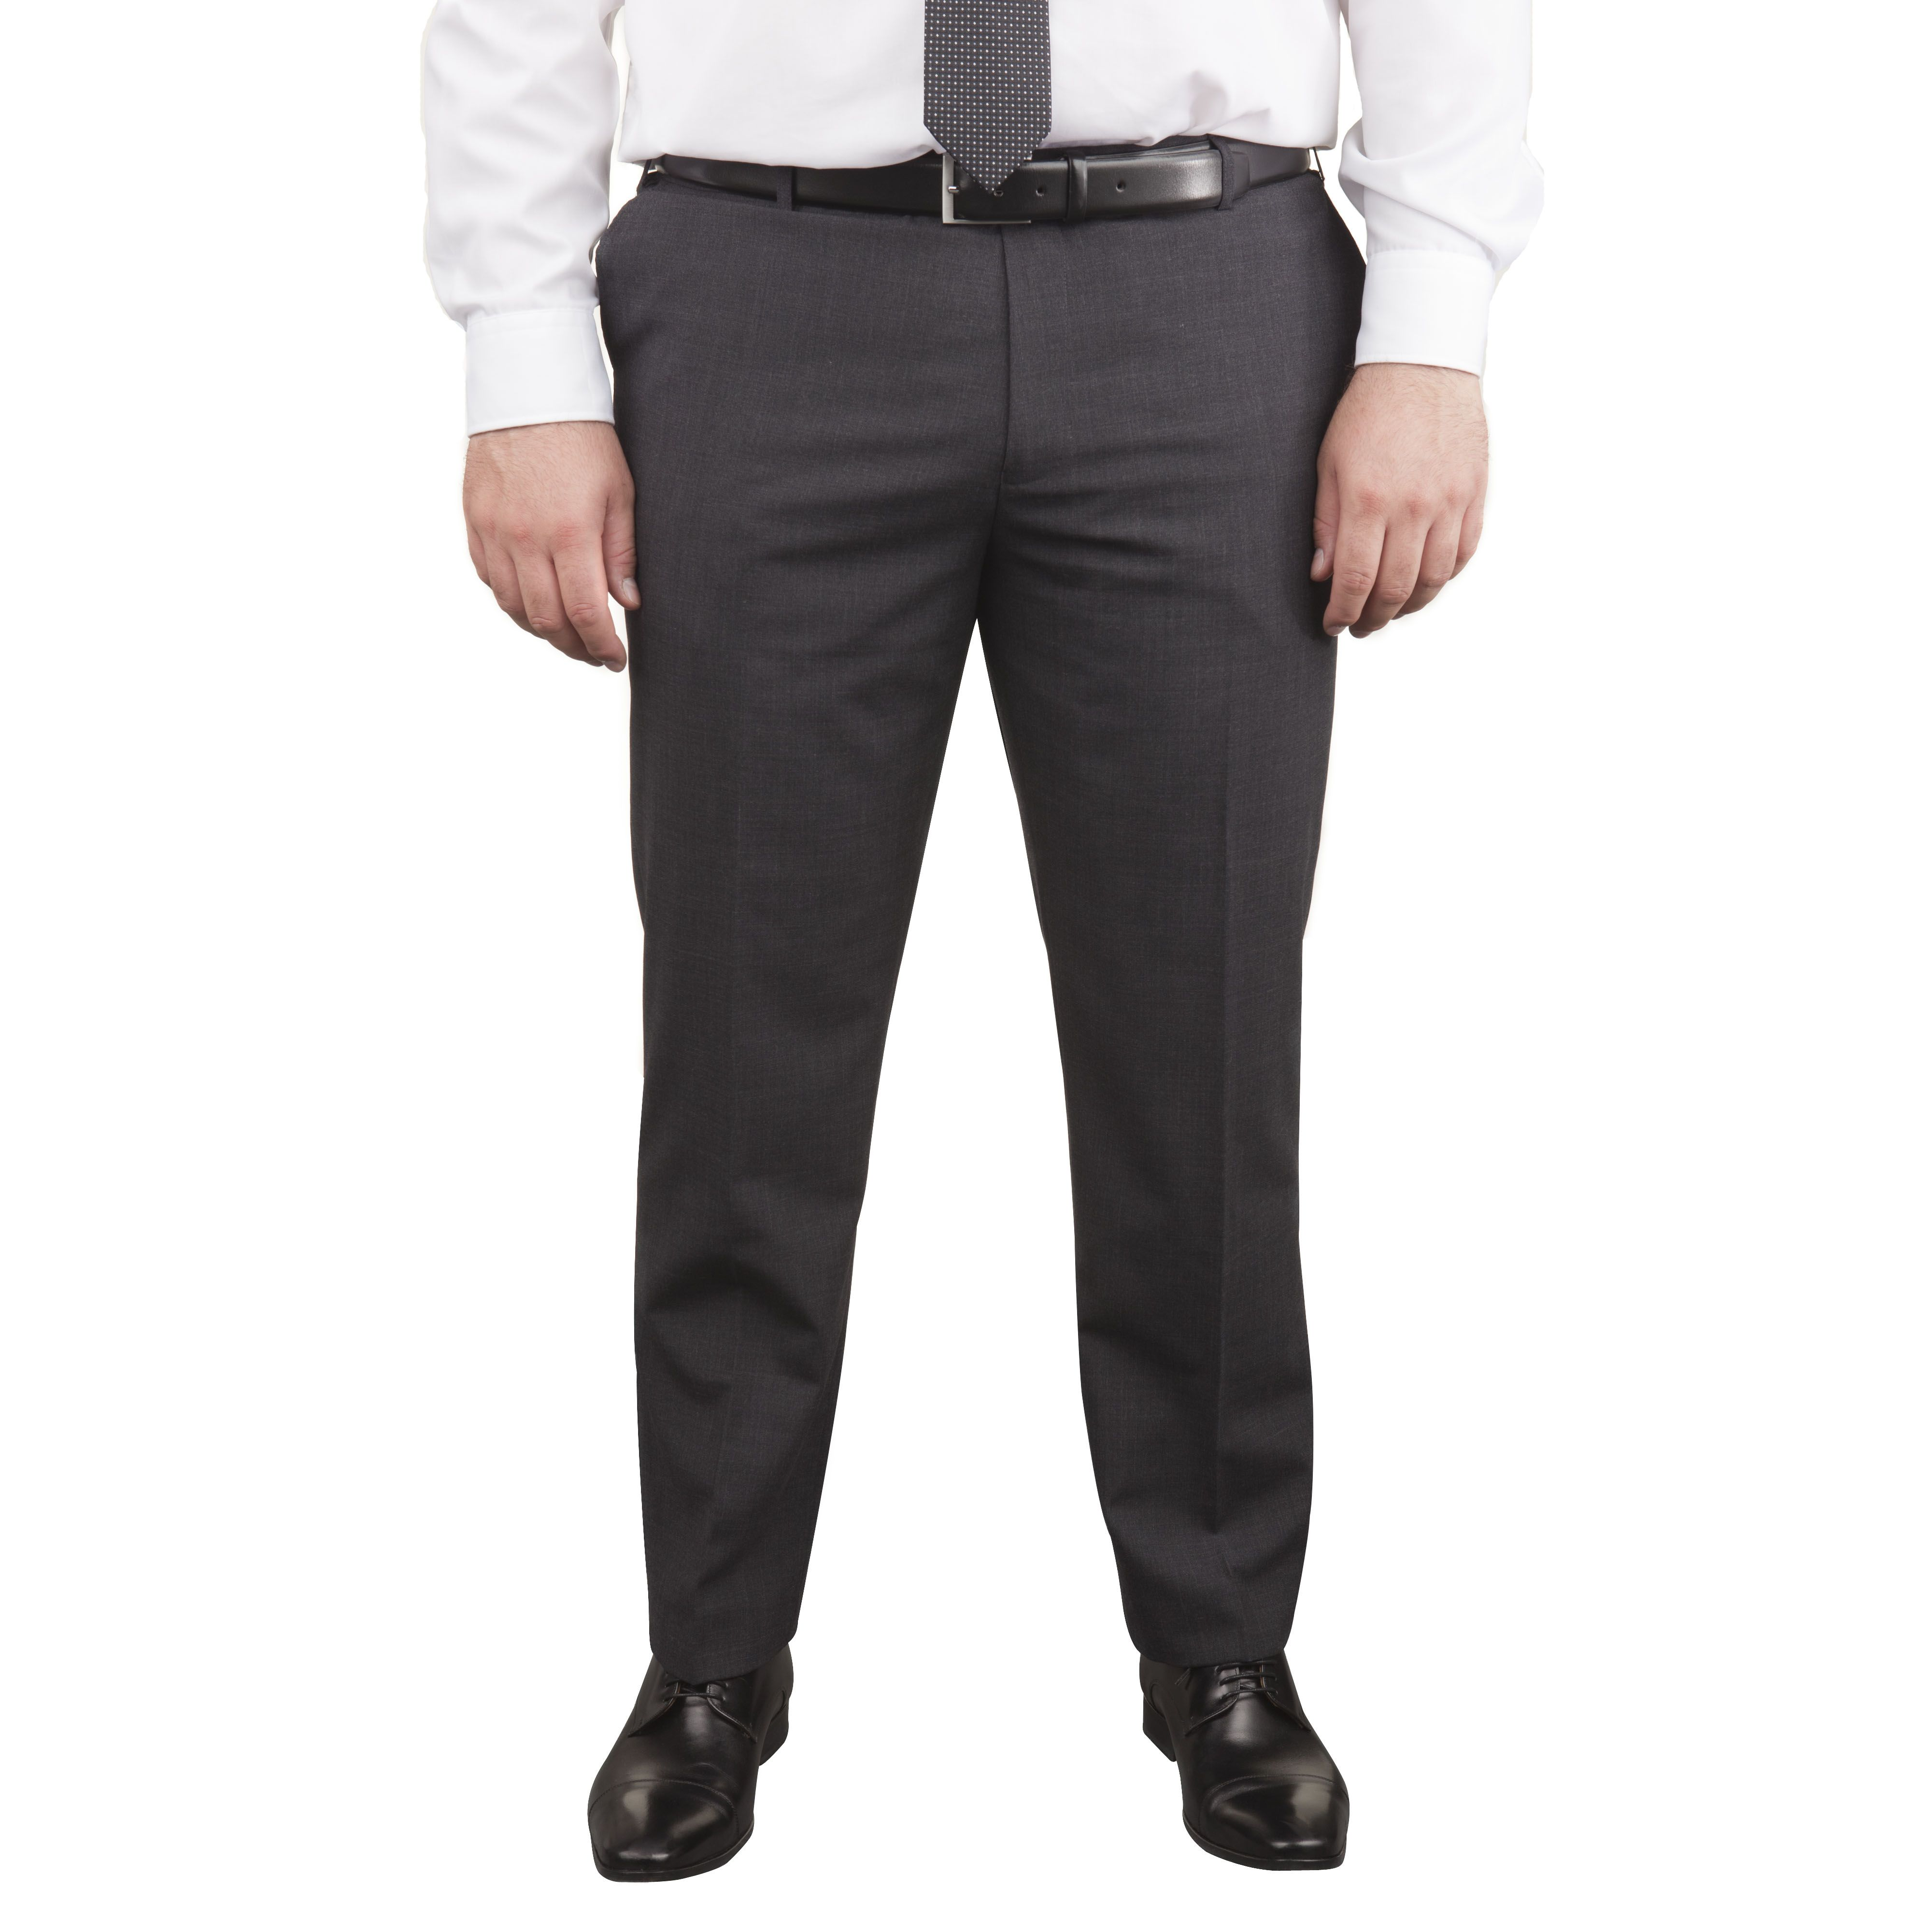 pantalon de costume grande taille classic gris fonc taille courte jusqu 39 au 62 skopes skopes. Black Bedroom Furniture Sets. Home Design Ideas